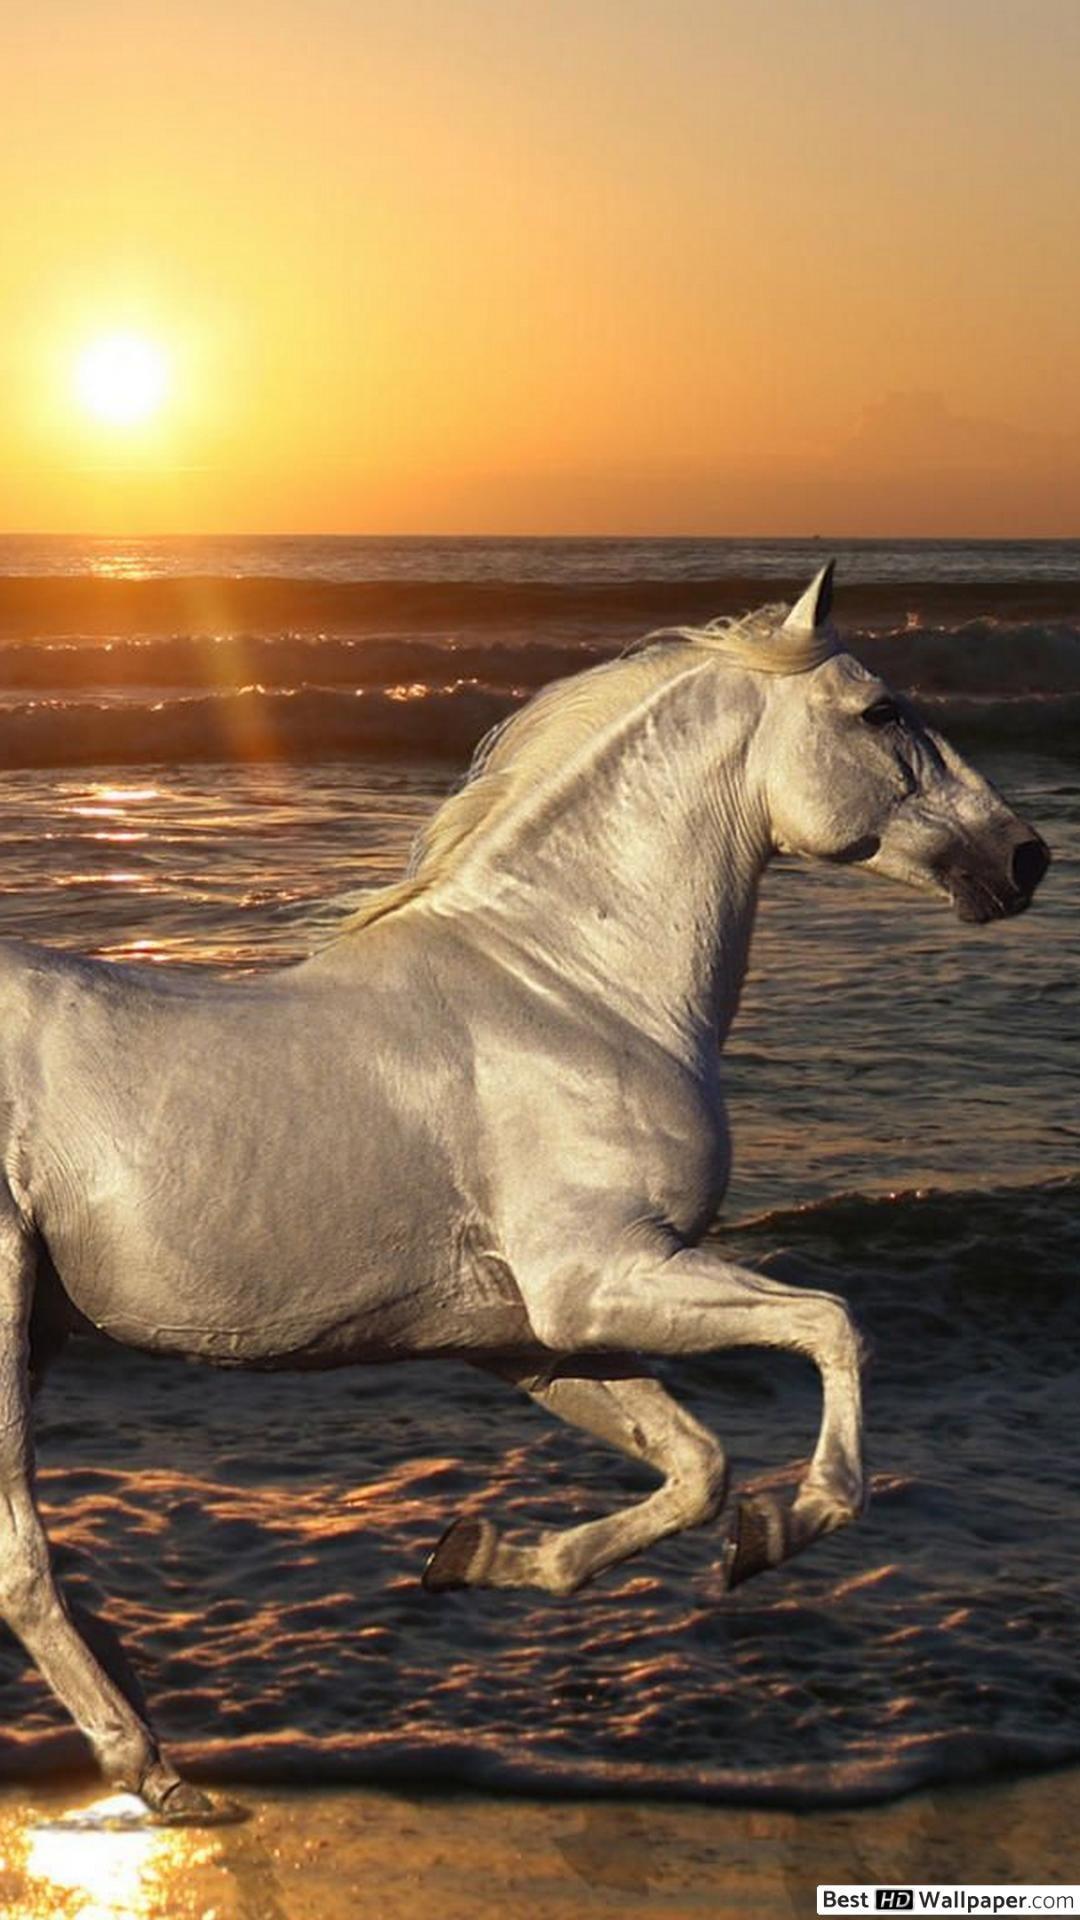 Horse Wallpaper Download Horse Wallpaper Horses Horse Background Horse wallpaper hd full screen download